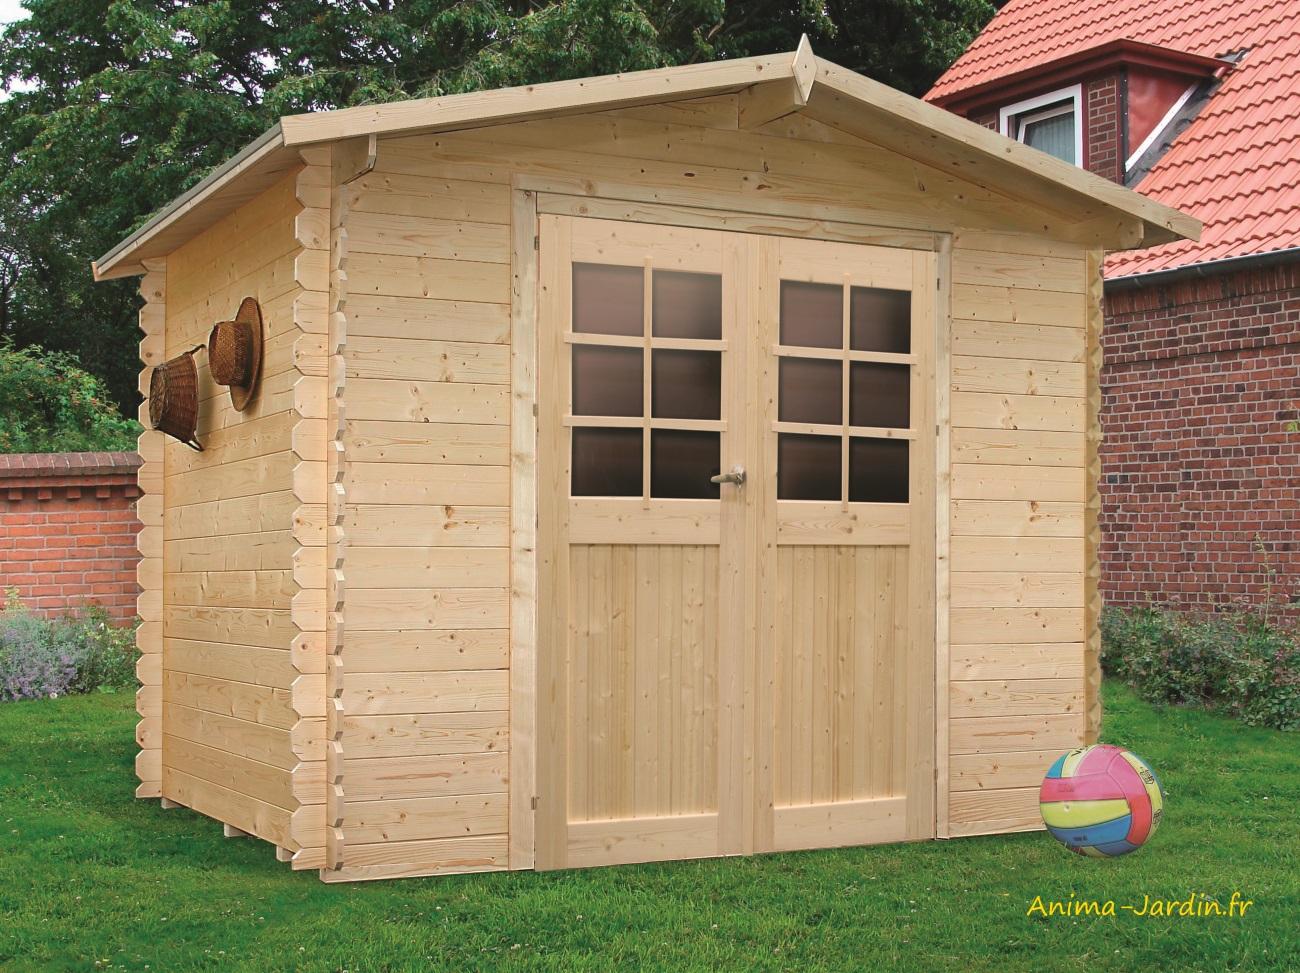 Abri De Jardin En Bois 19Mm, Amberg, 6M², 2 Portes, Solid ... tout Cabanon De Jardin Pas Cher